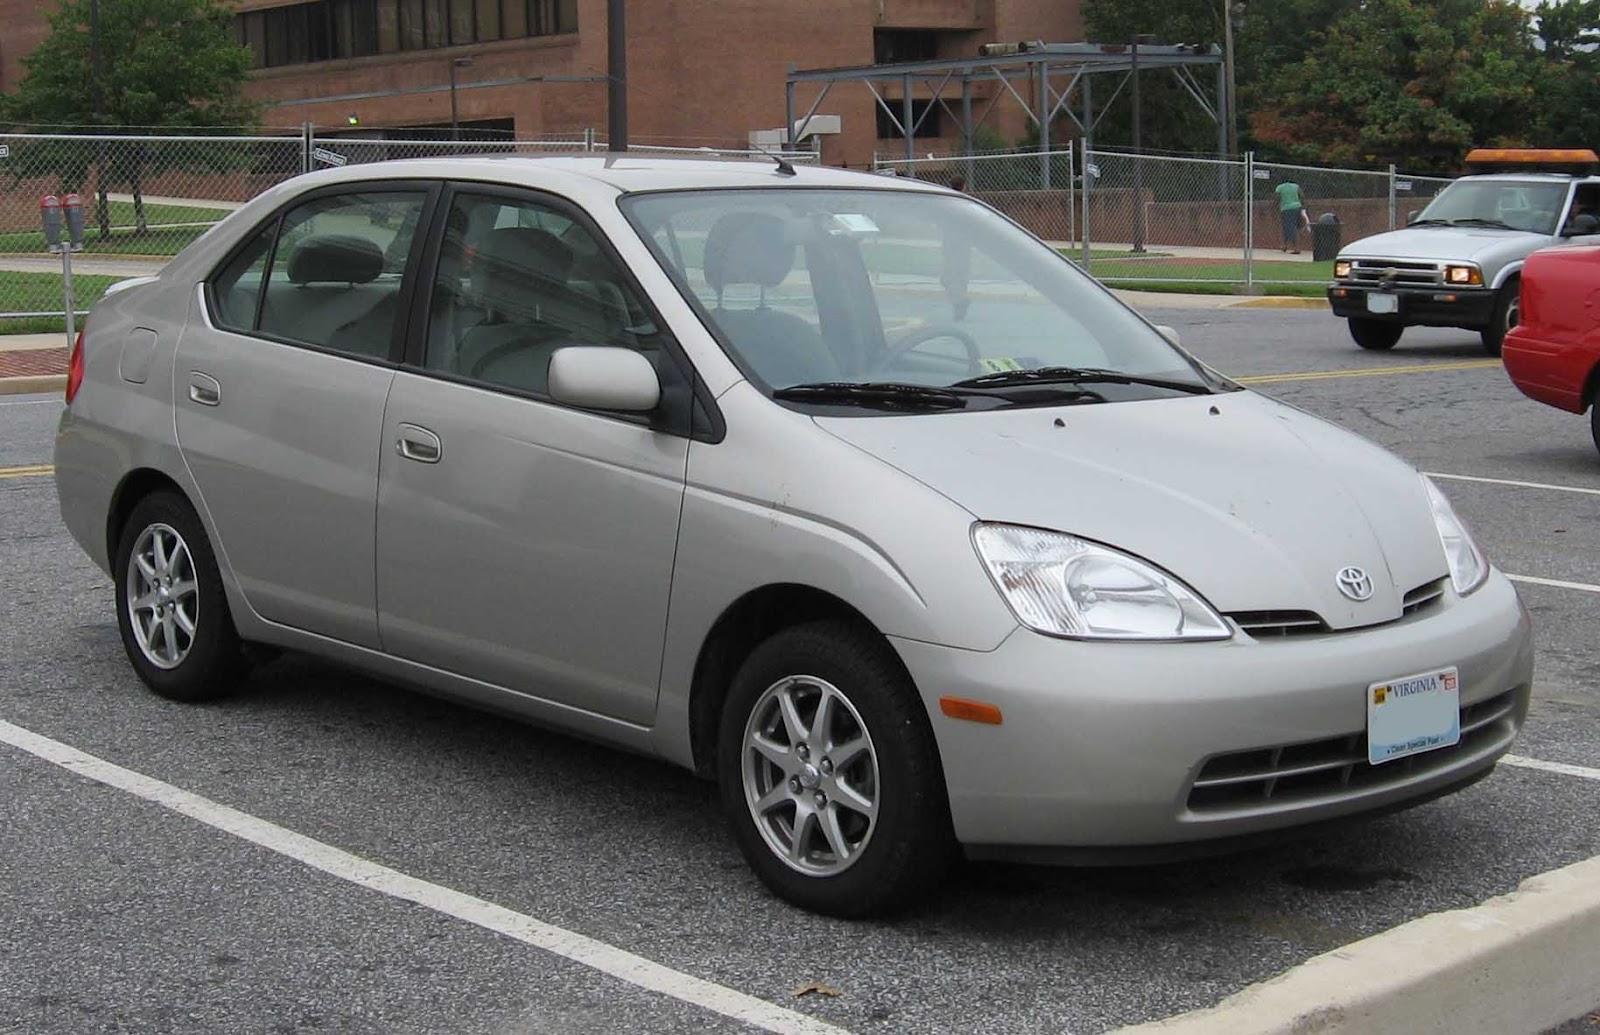 Mas a popularização dos híbridos, como o Toyota Prius, abriu espaço para o retorno dos veículos 100% a eletricidade (Fonte: Wikimedia Commons)